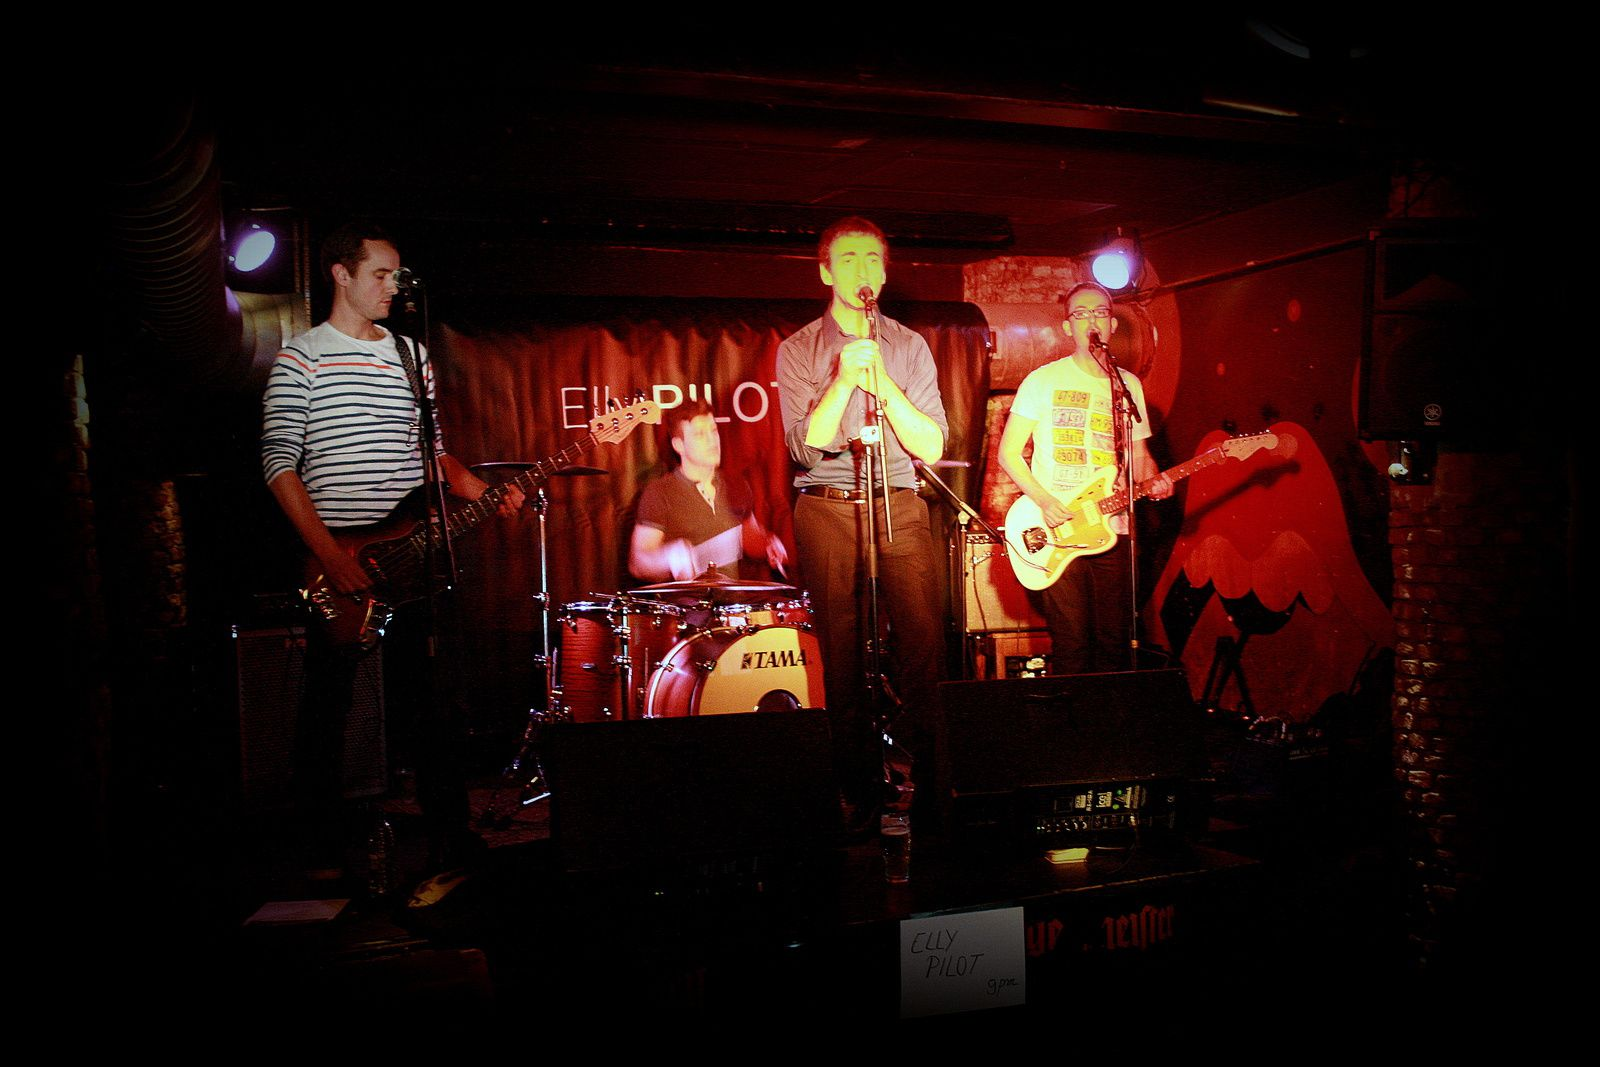 Elly Pilot @ Rock Classic - 03/12/2015